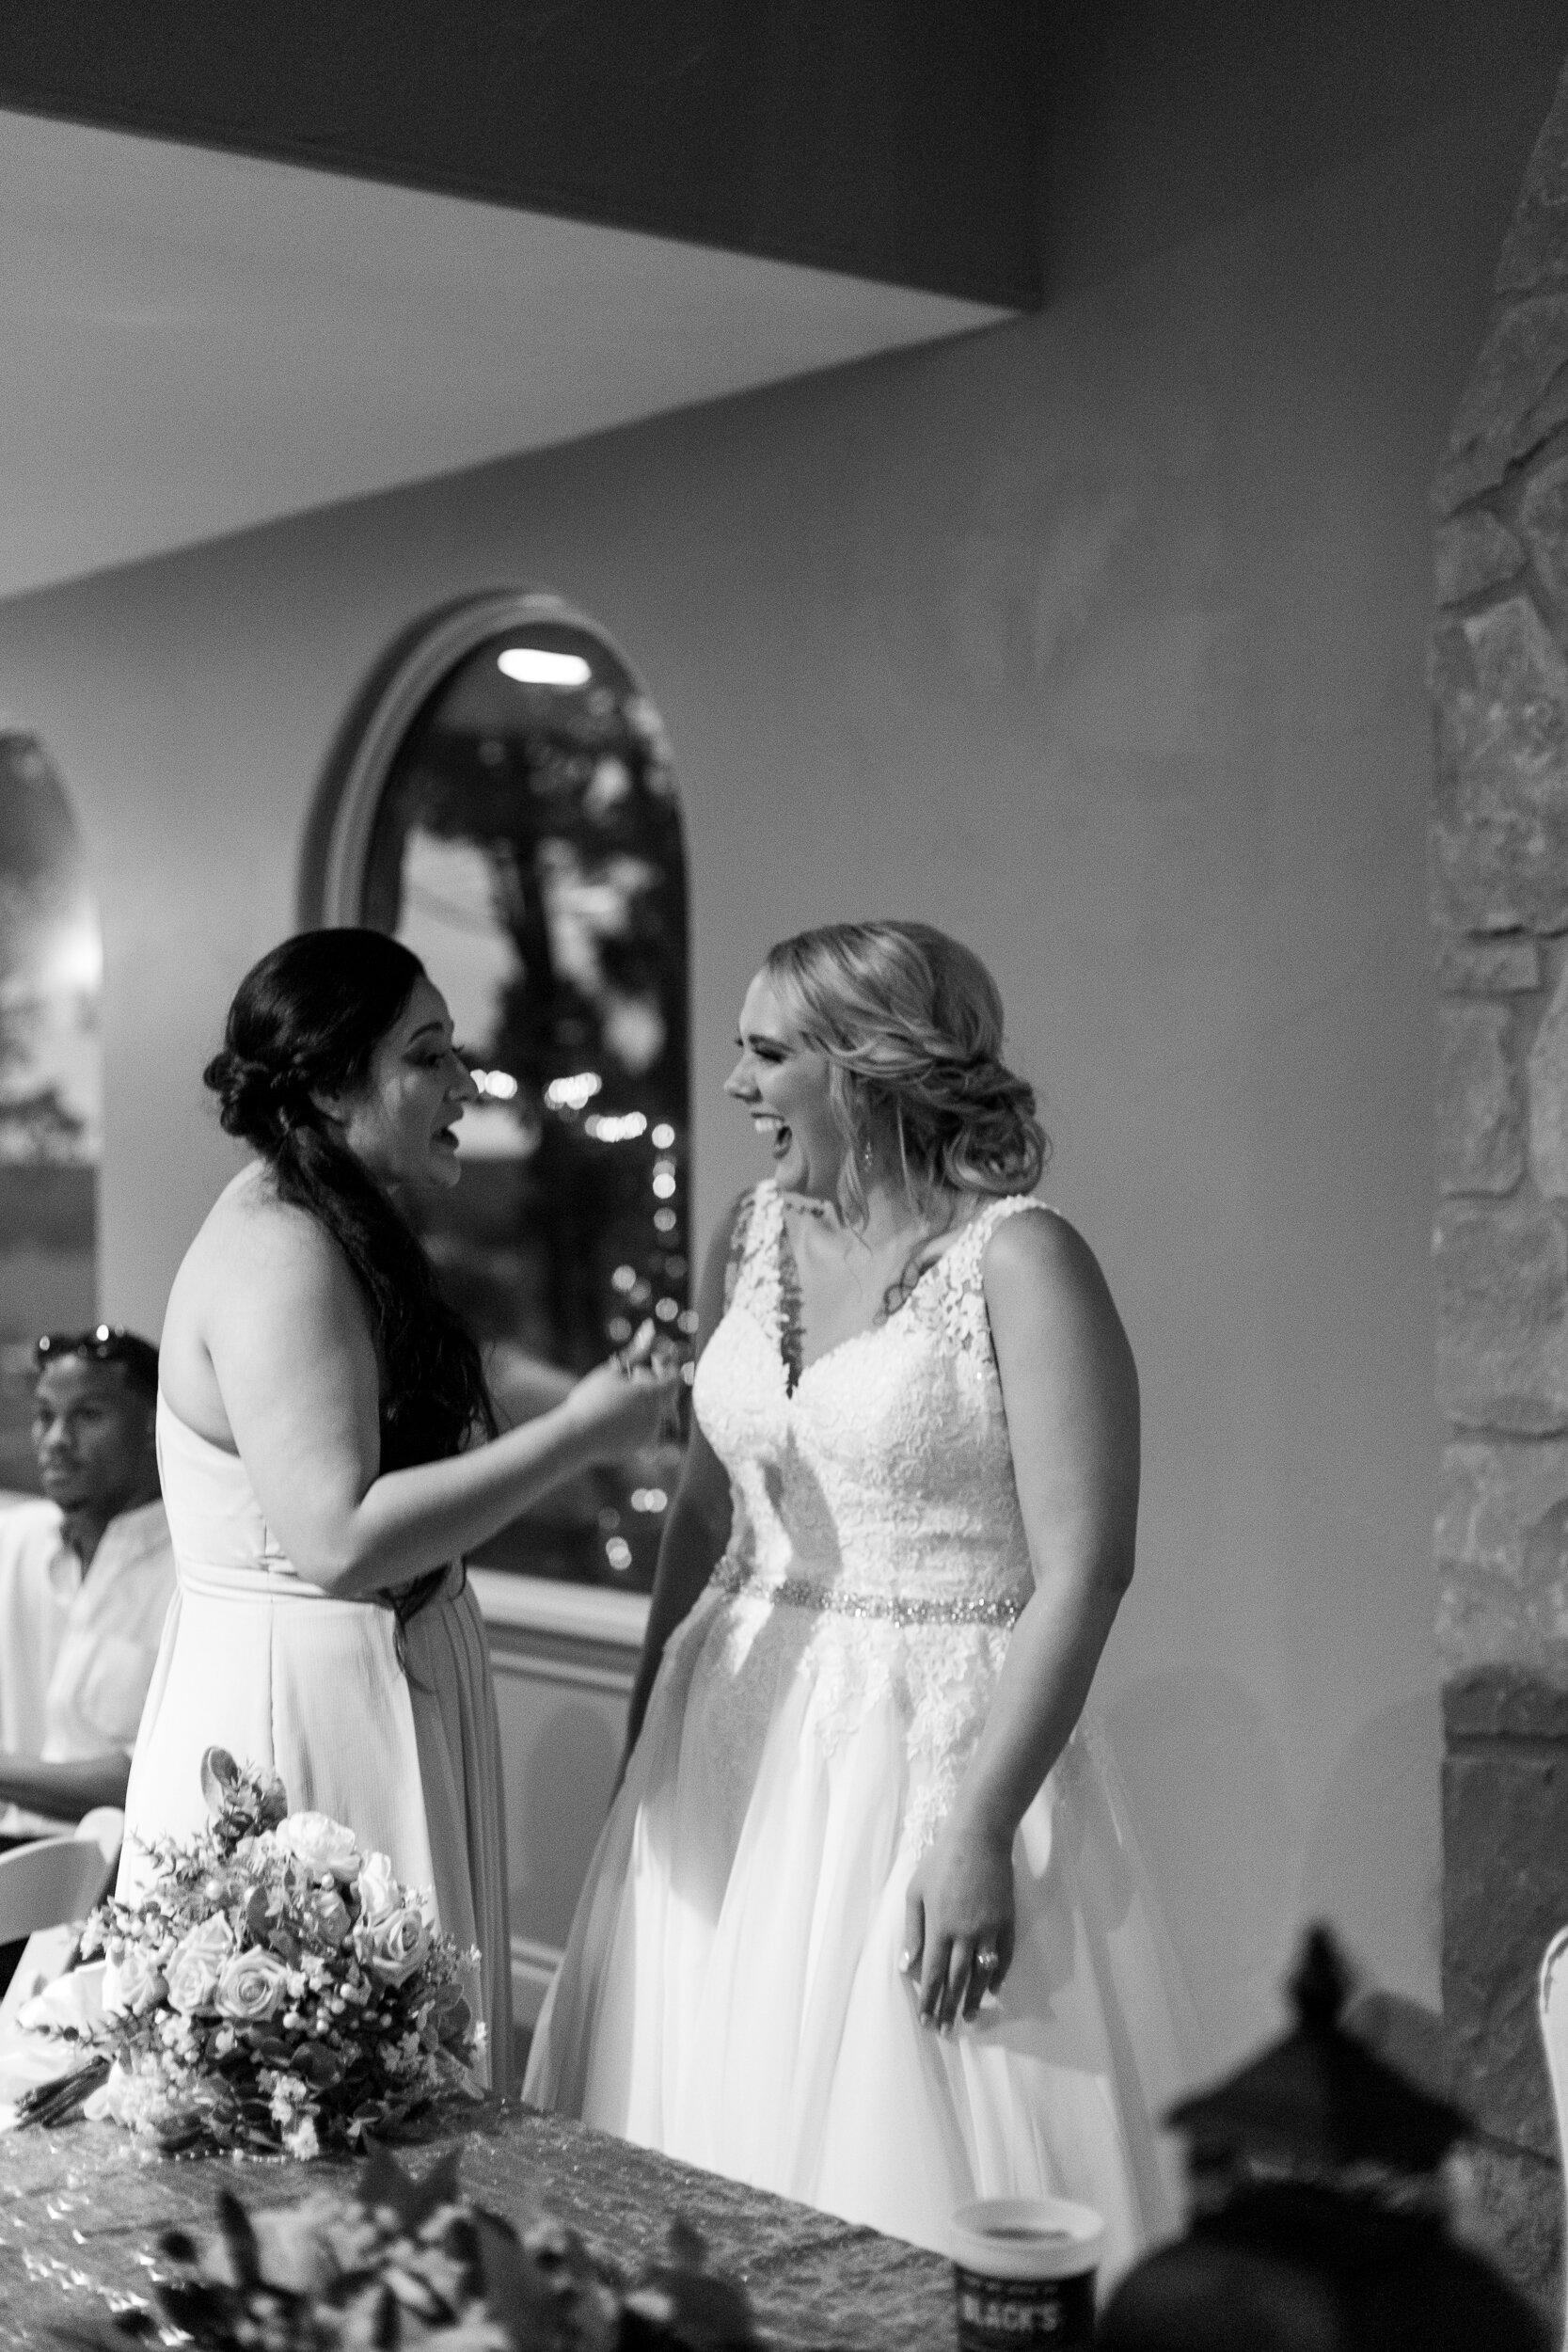 Emanuel-Wedding_kelsiehendricksphotography-77.jpg